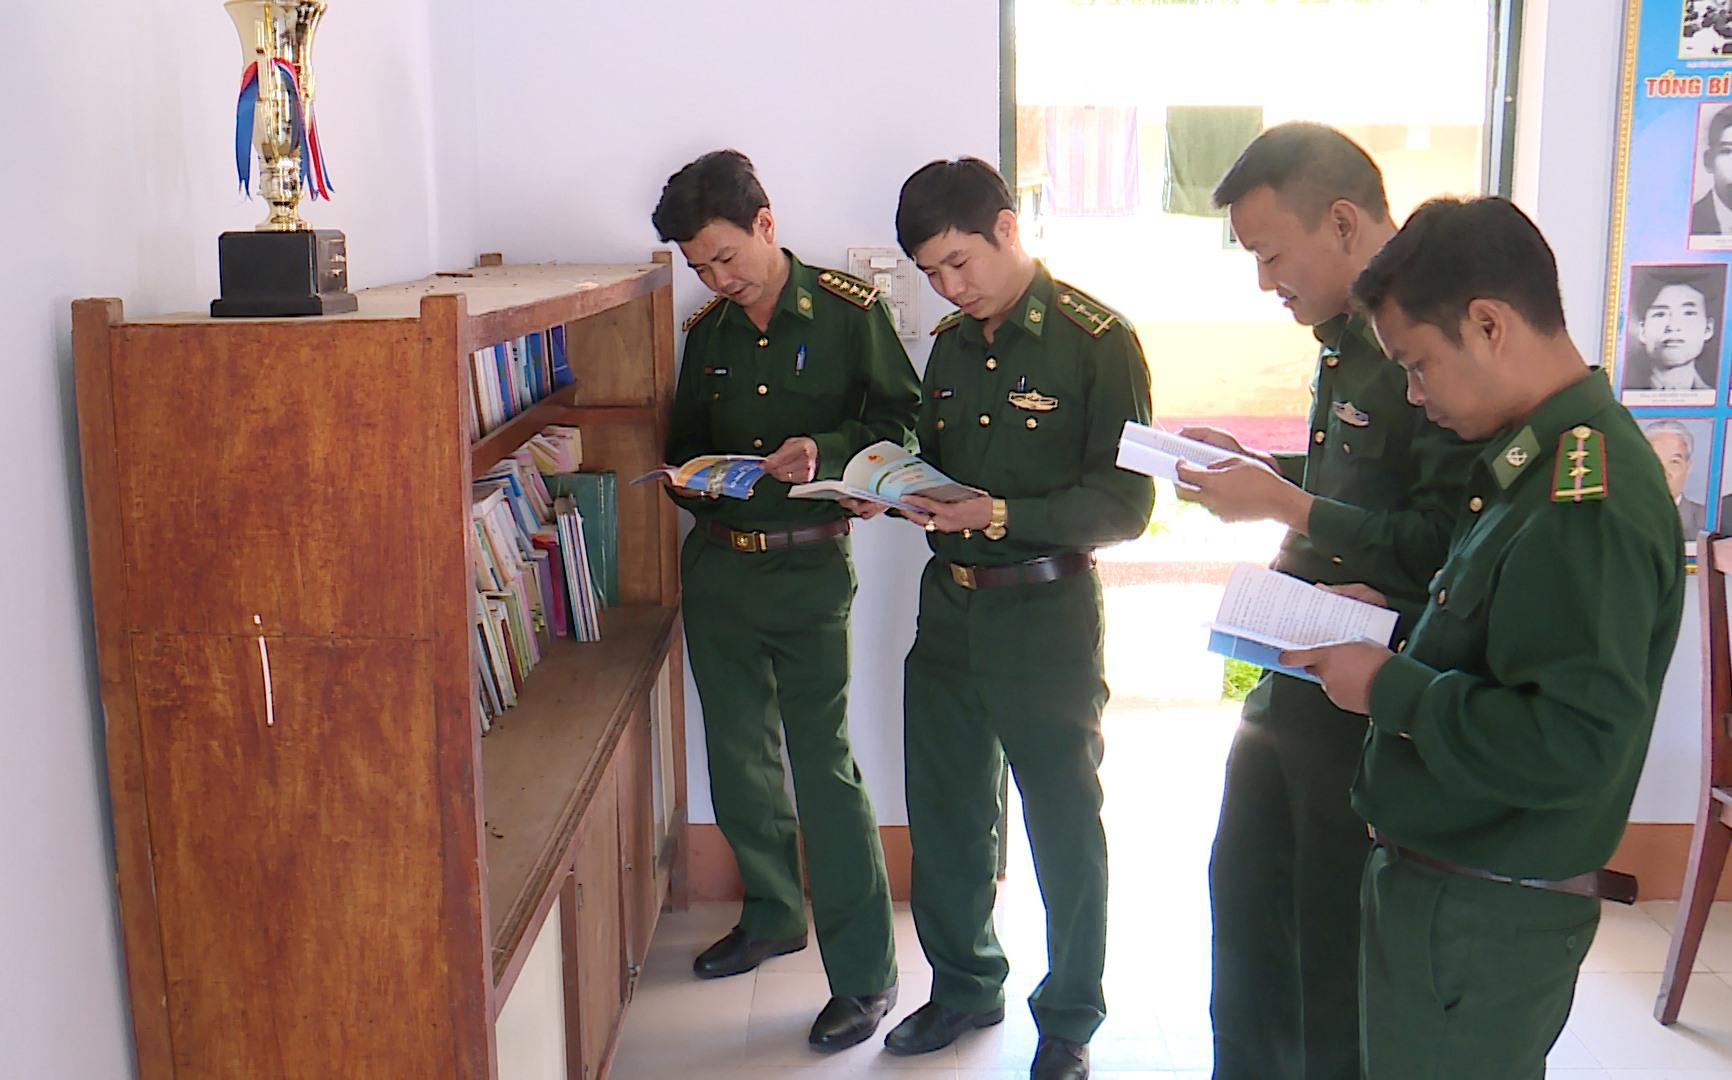 """Cán bộ chiến sĩ BĐBP Quảng Nam nghiên cứu pháp luật để tham gia mô hình """"Mỗi tuần một câu hỏi, mỗi câu hỏi một đáp án"""". Ảnh: XUÂN LAM"""